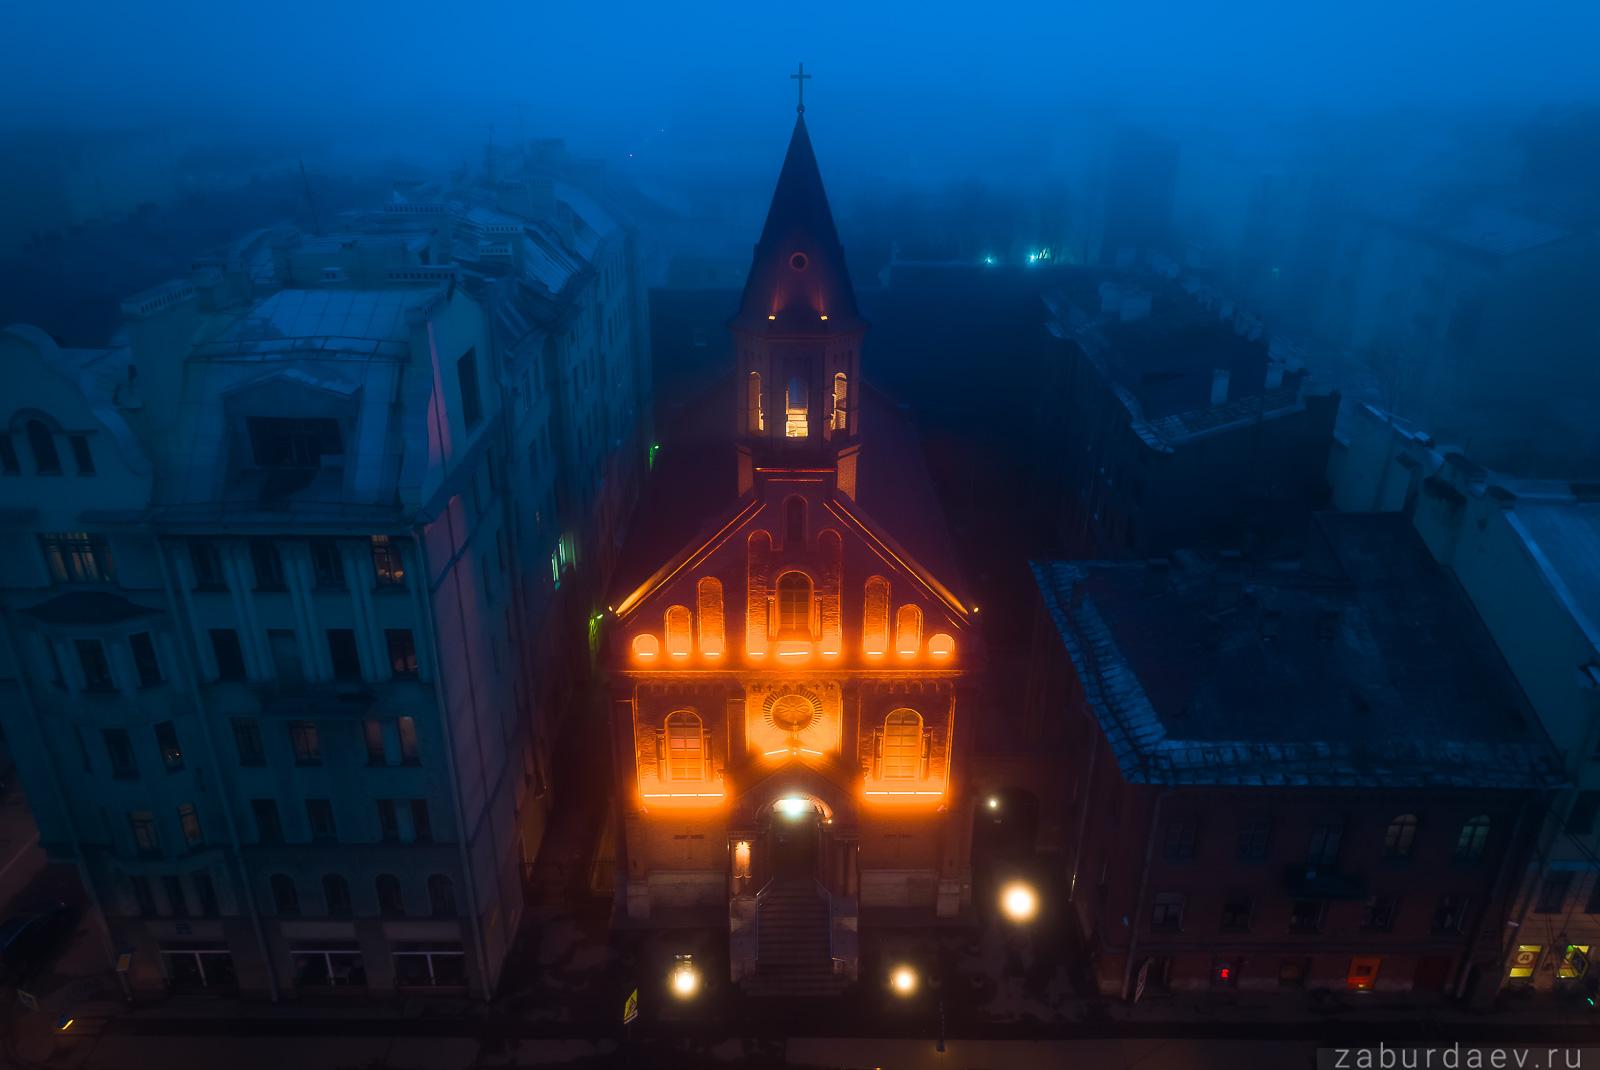 Эстонская лютеранская церковь св. Иоанна в Санкт-Петербурге